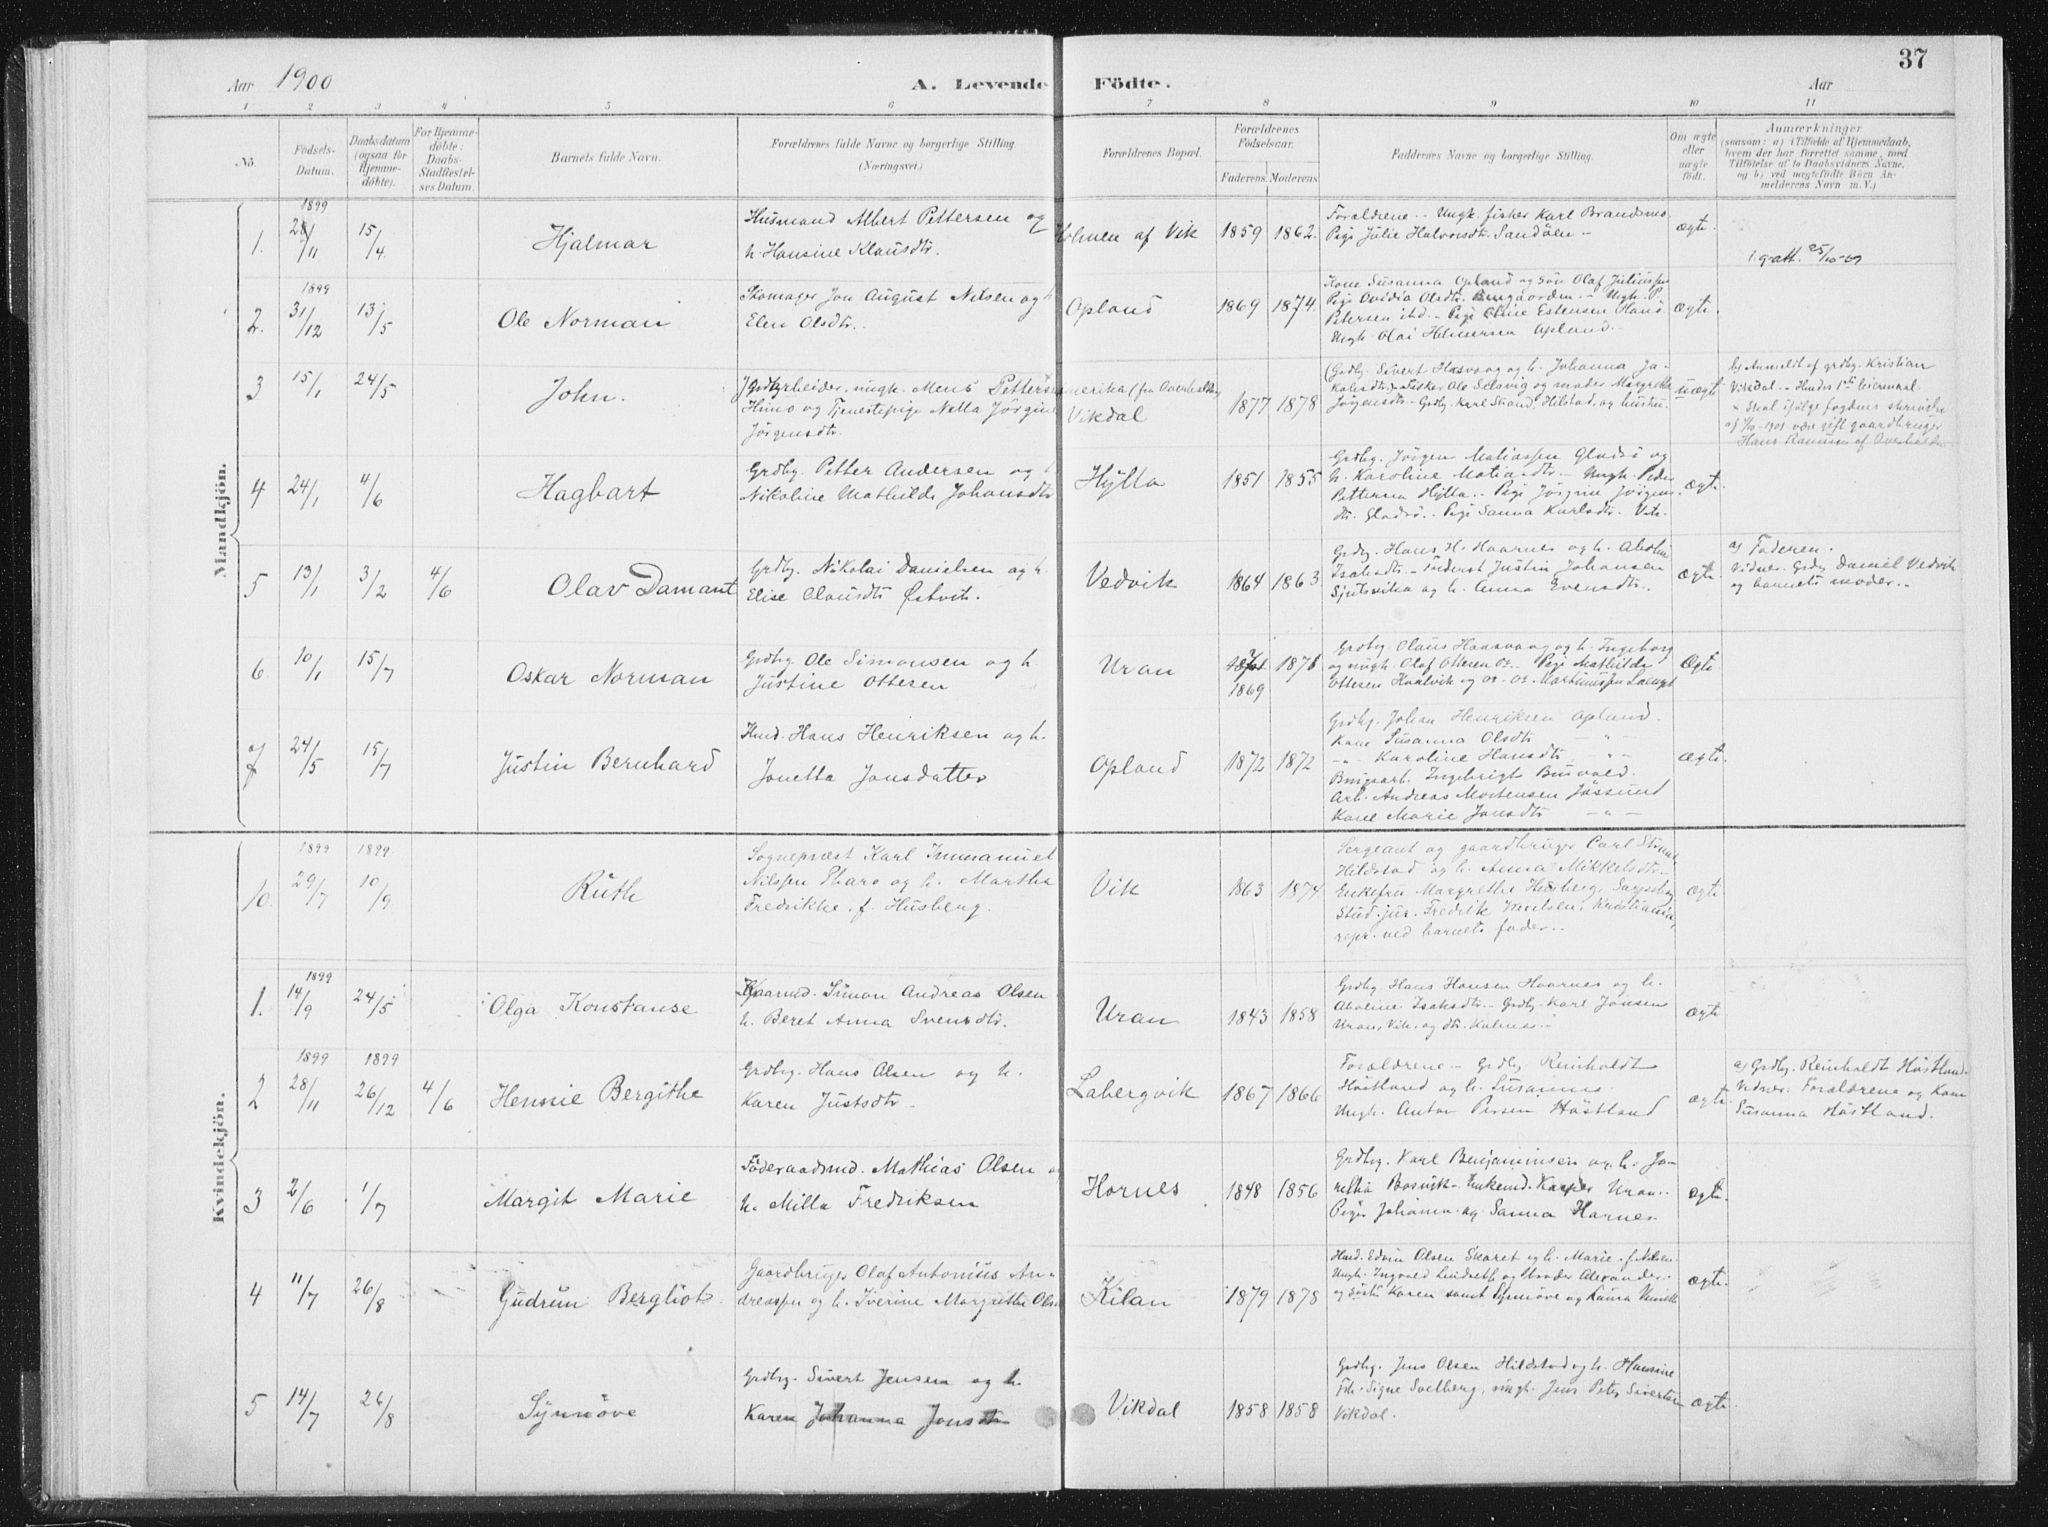 SAT, Ministerialprotokoller, klokkerbøker og fødselsregistre - Nord-Trøndelag, 771/L0597: Ministerialbok nr. 771A04, 1885-1910, s. 37